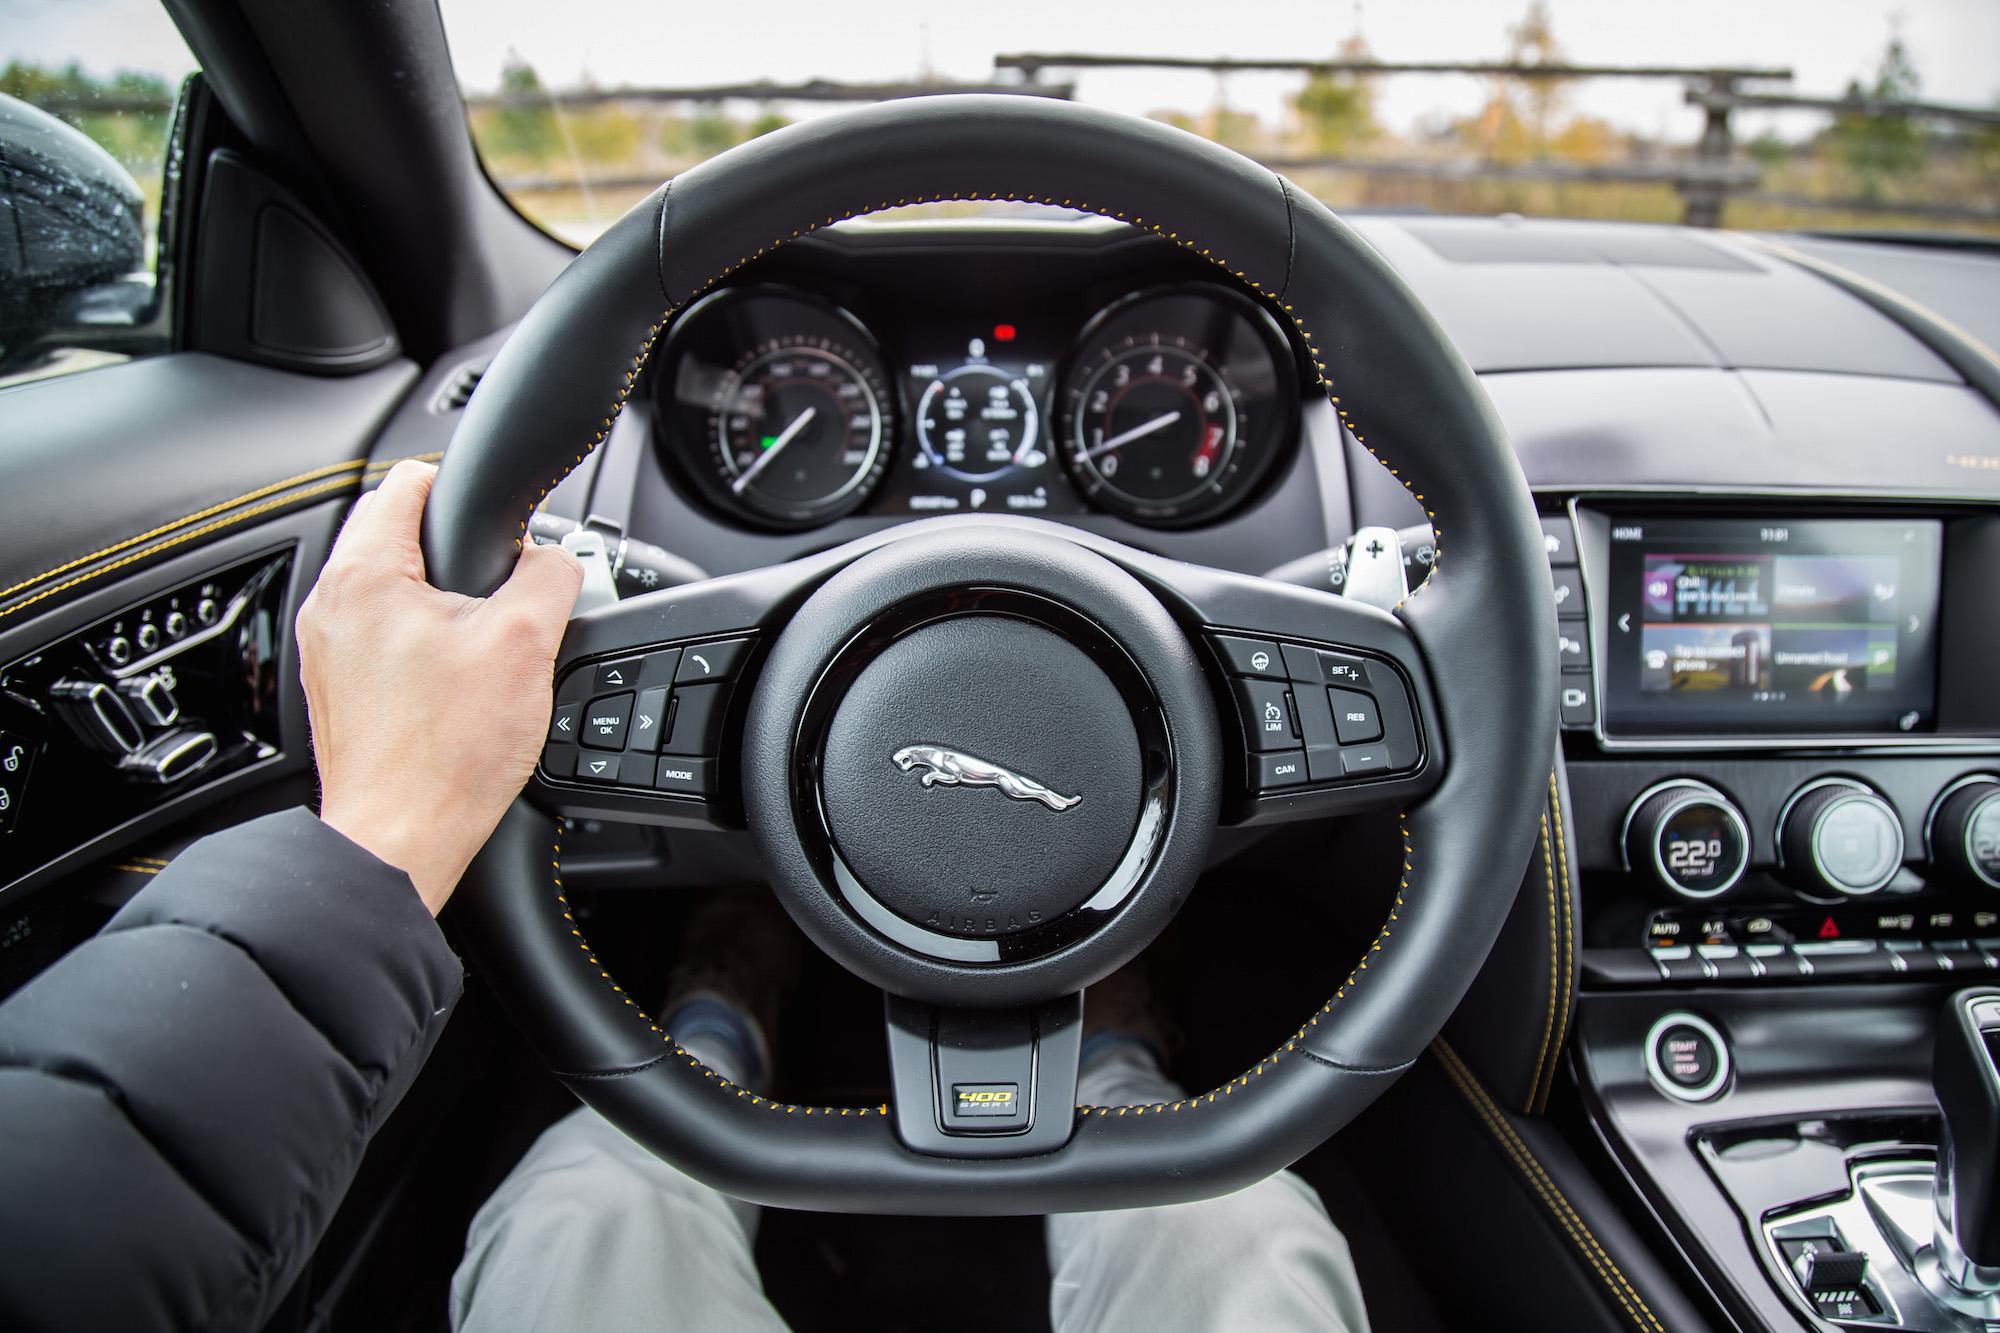 Pirelli P Zero >> Review: 2018 Jaguar F-Type 400 Sport | Canadian Auto Review